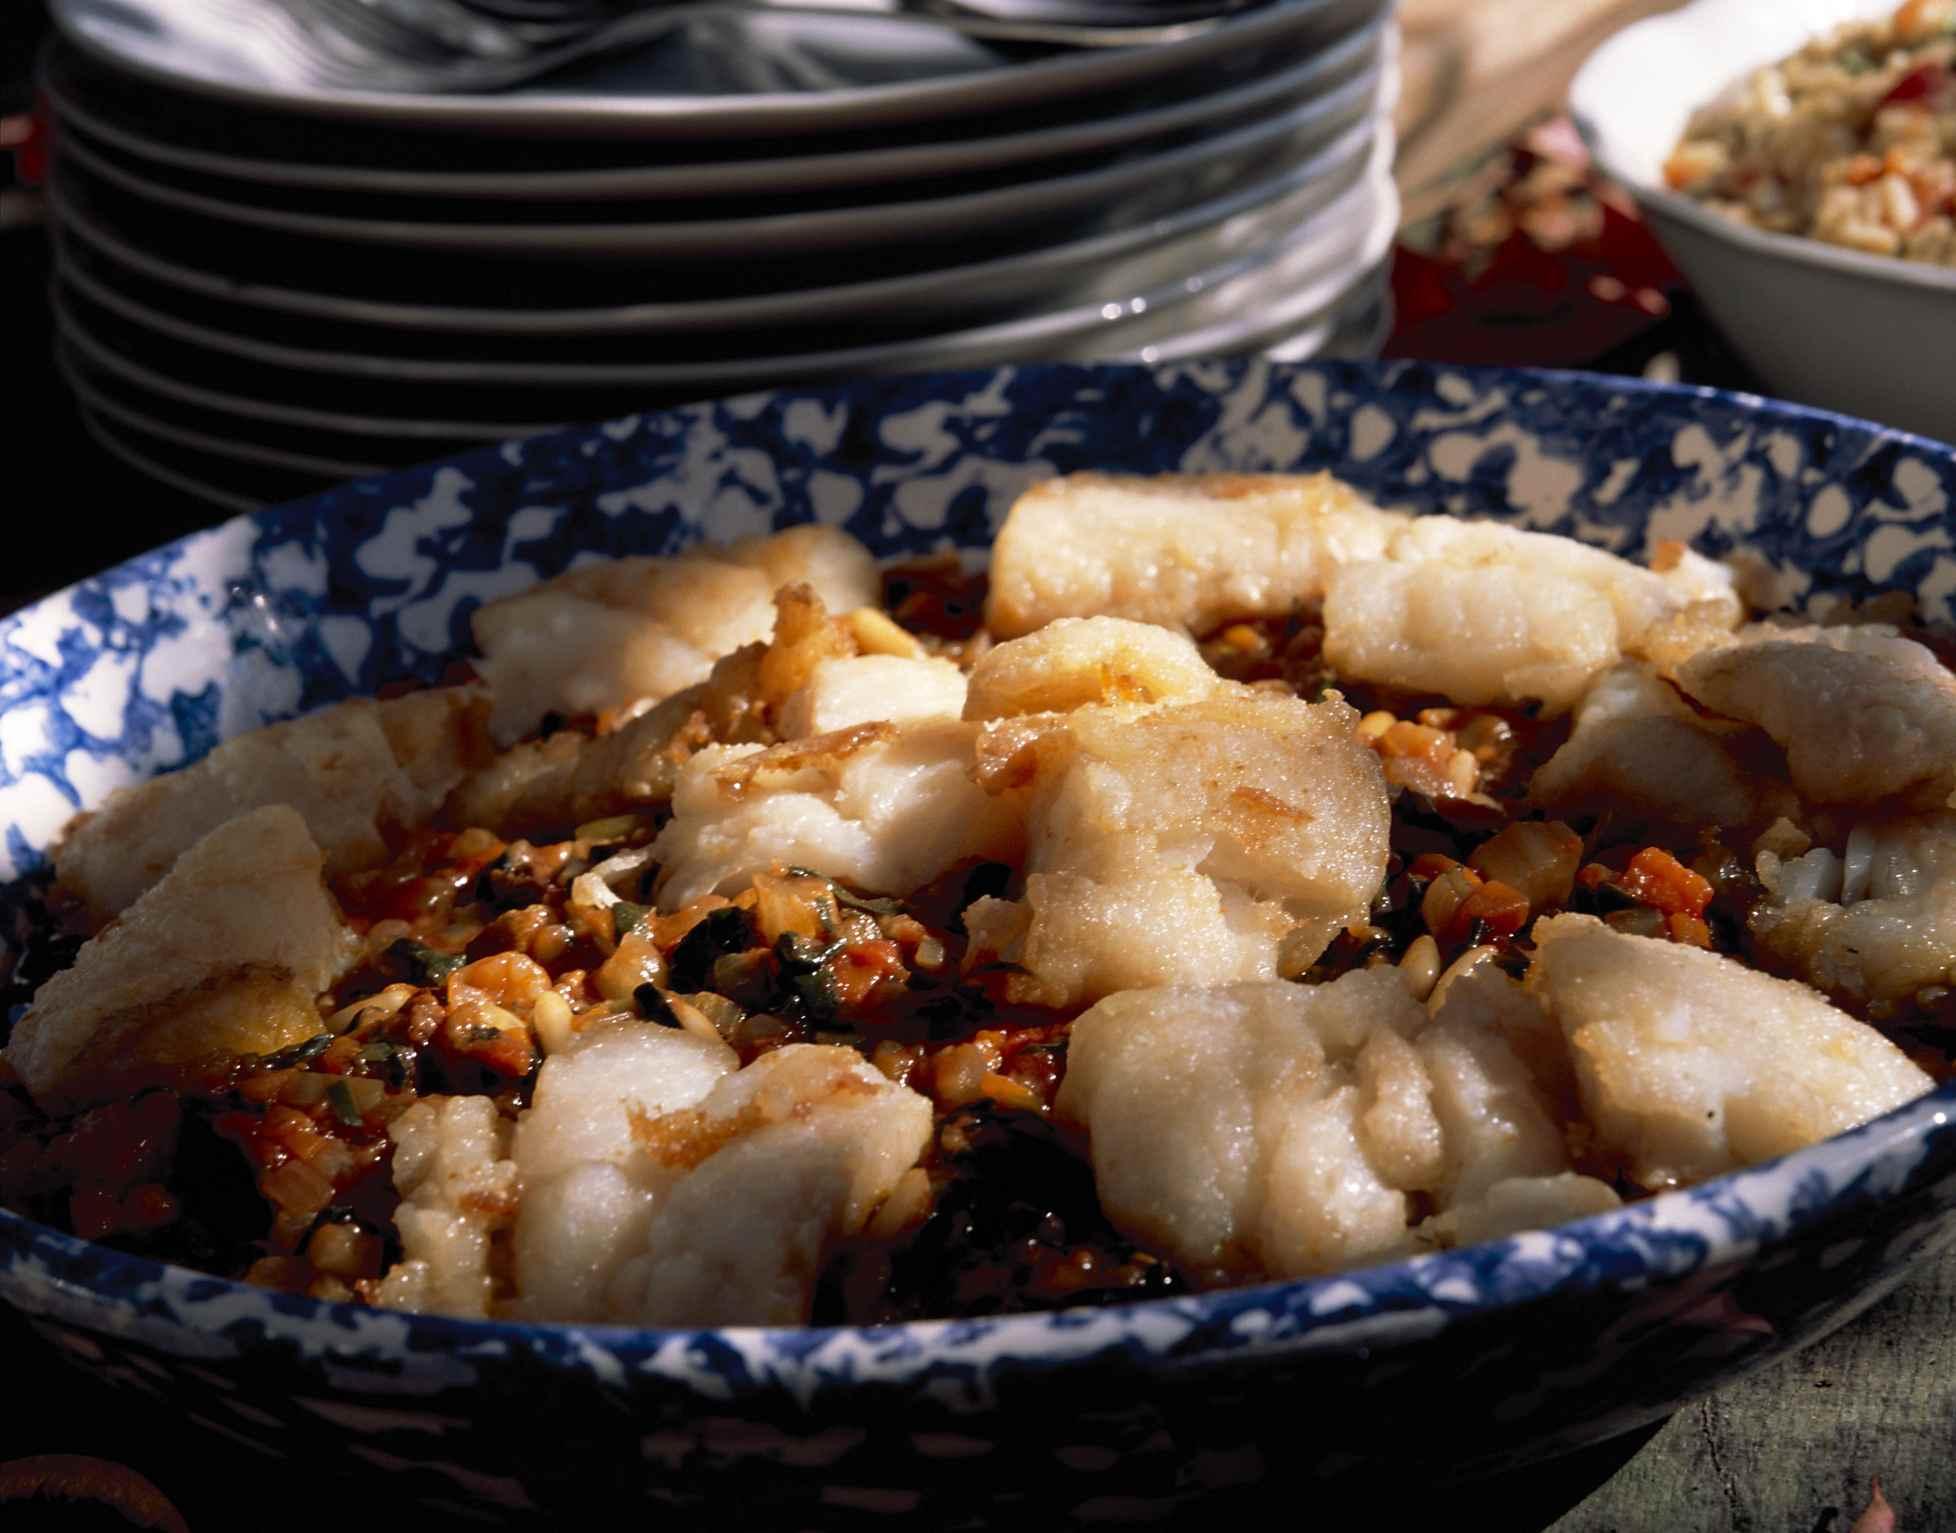 Salt cod with raisin and pine nut sauce